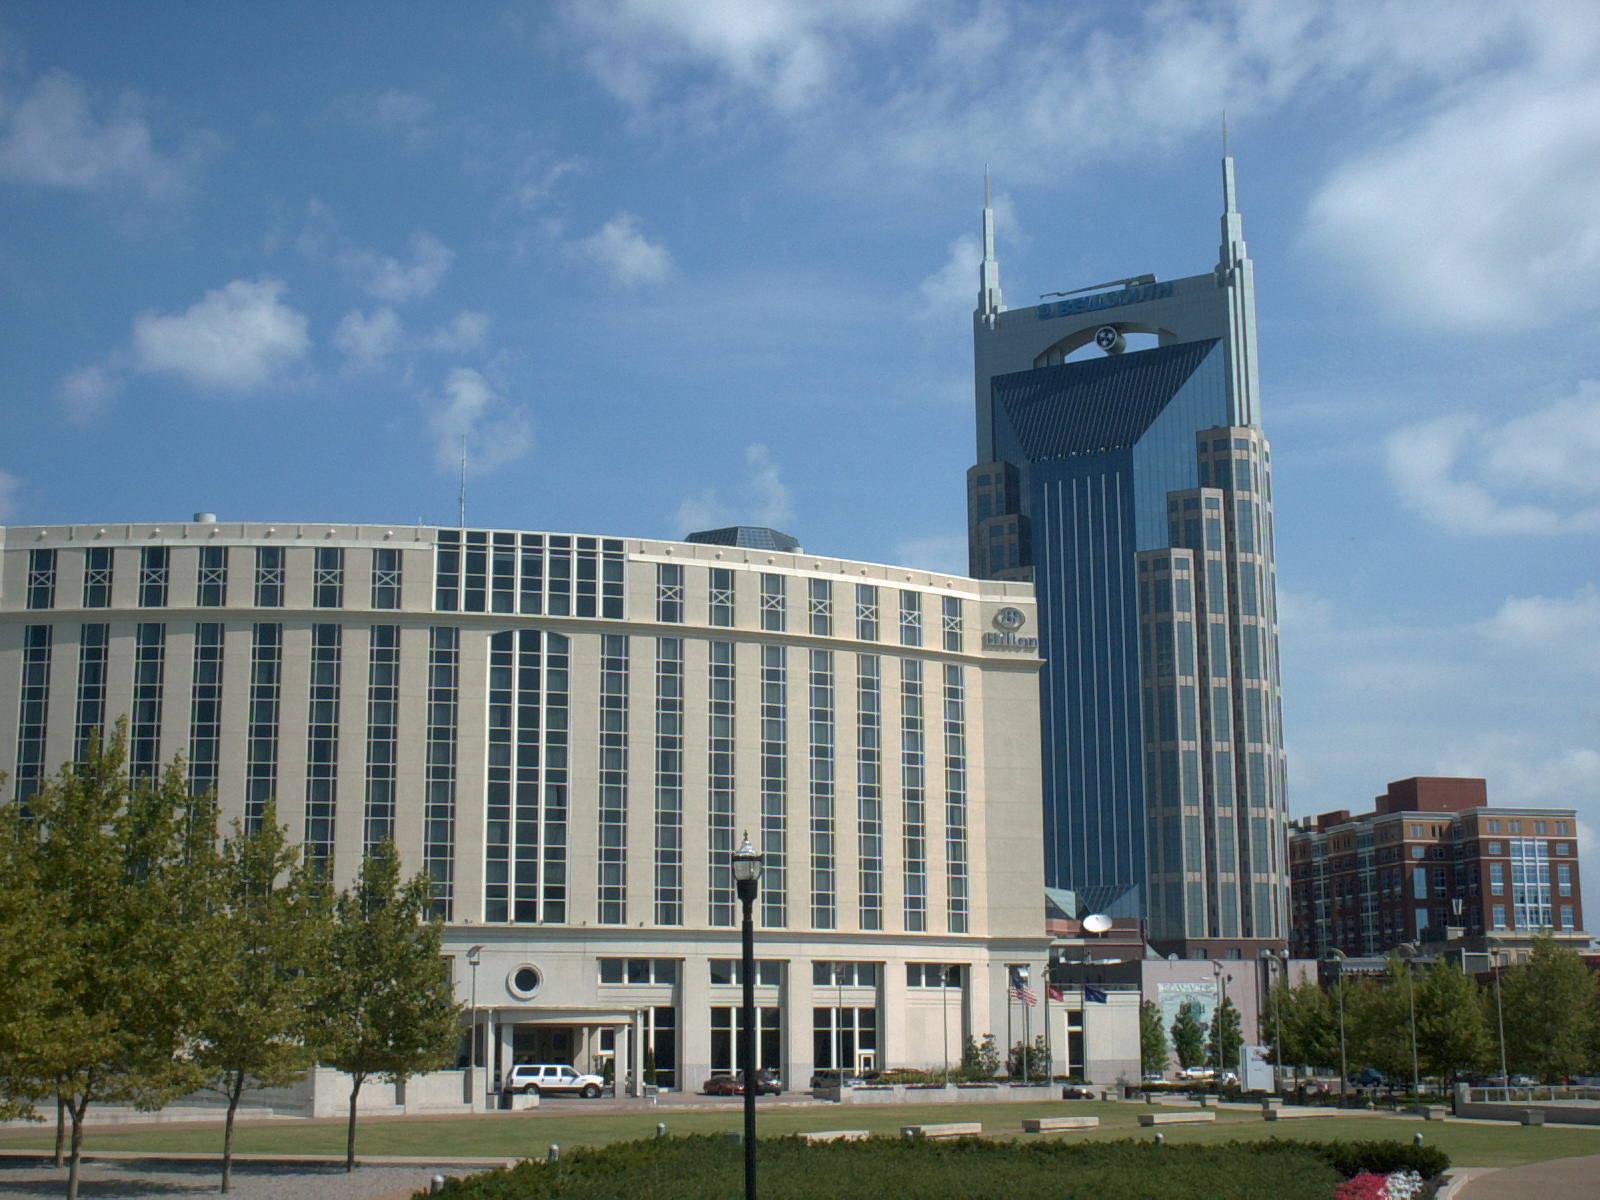 Das BellSouth Gebäude.